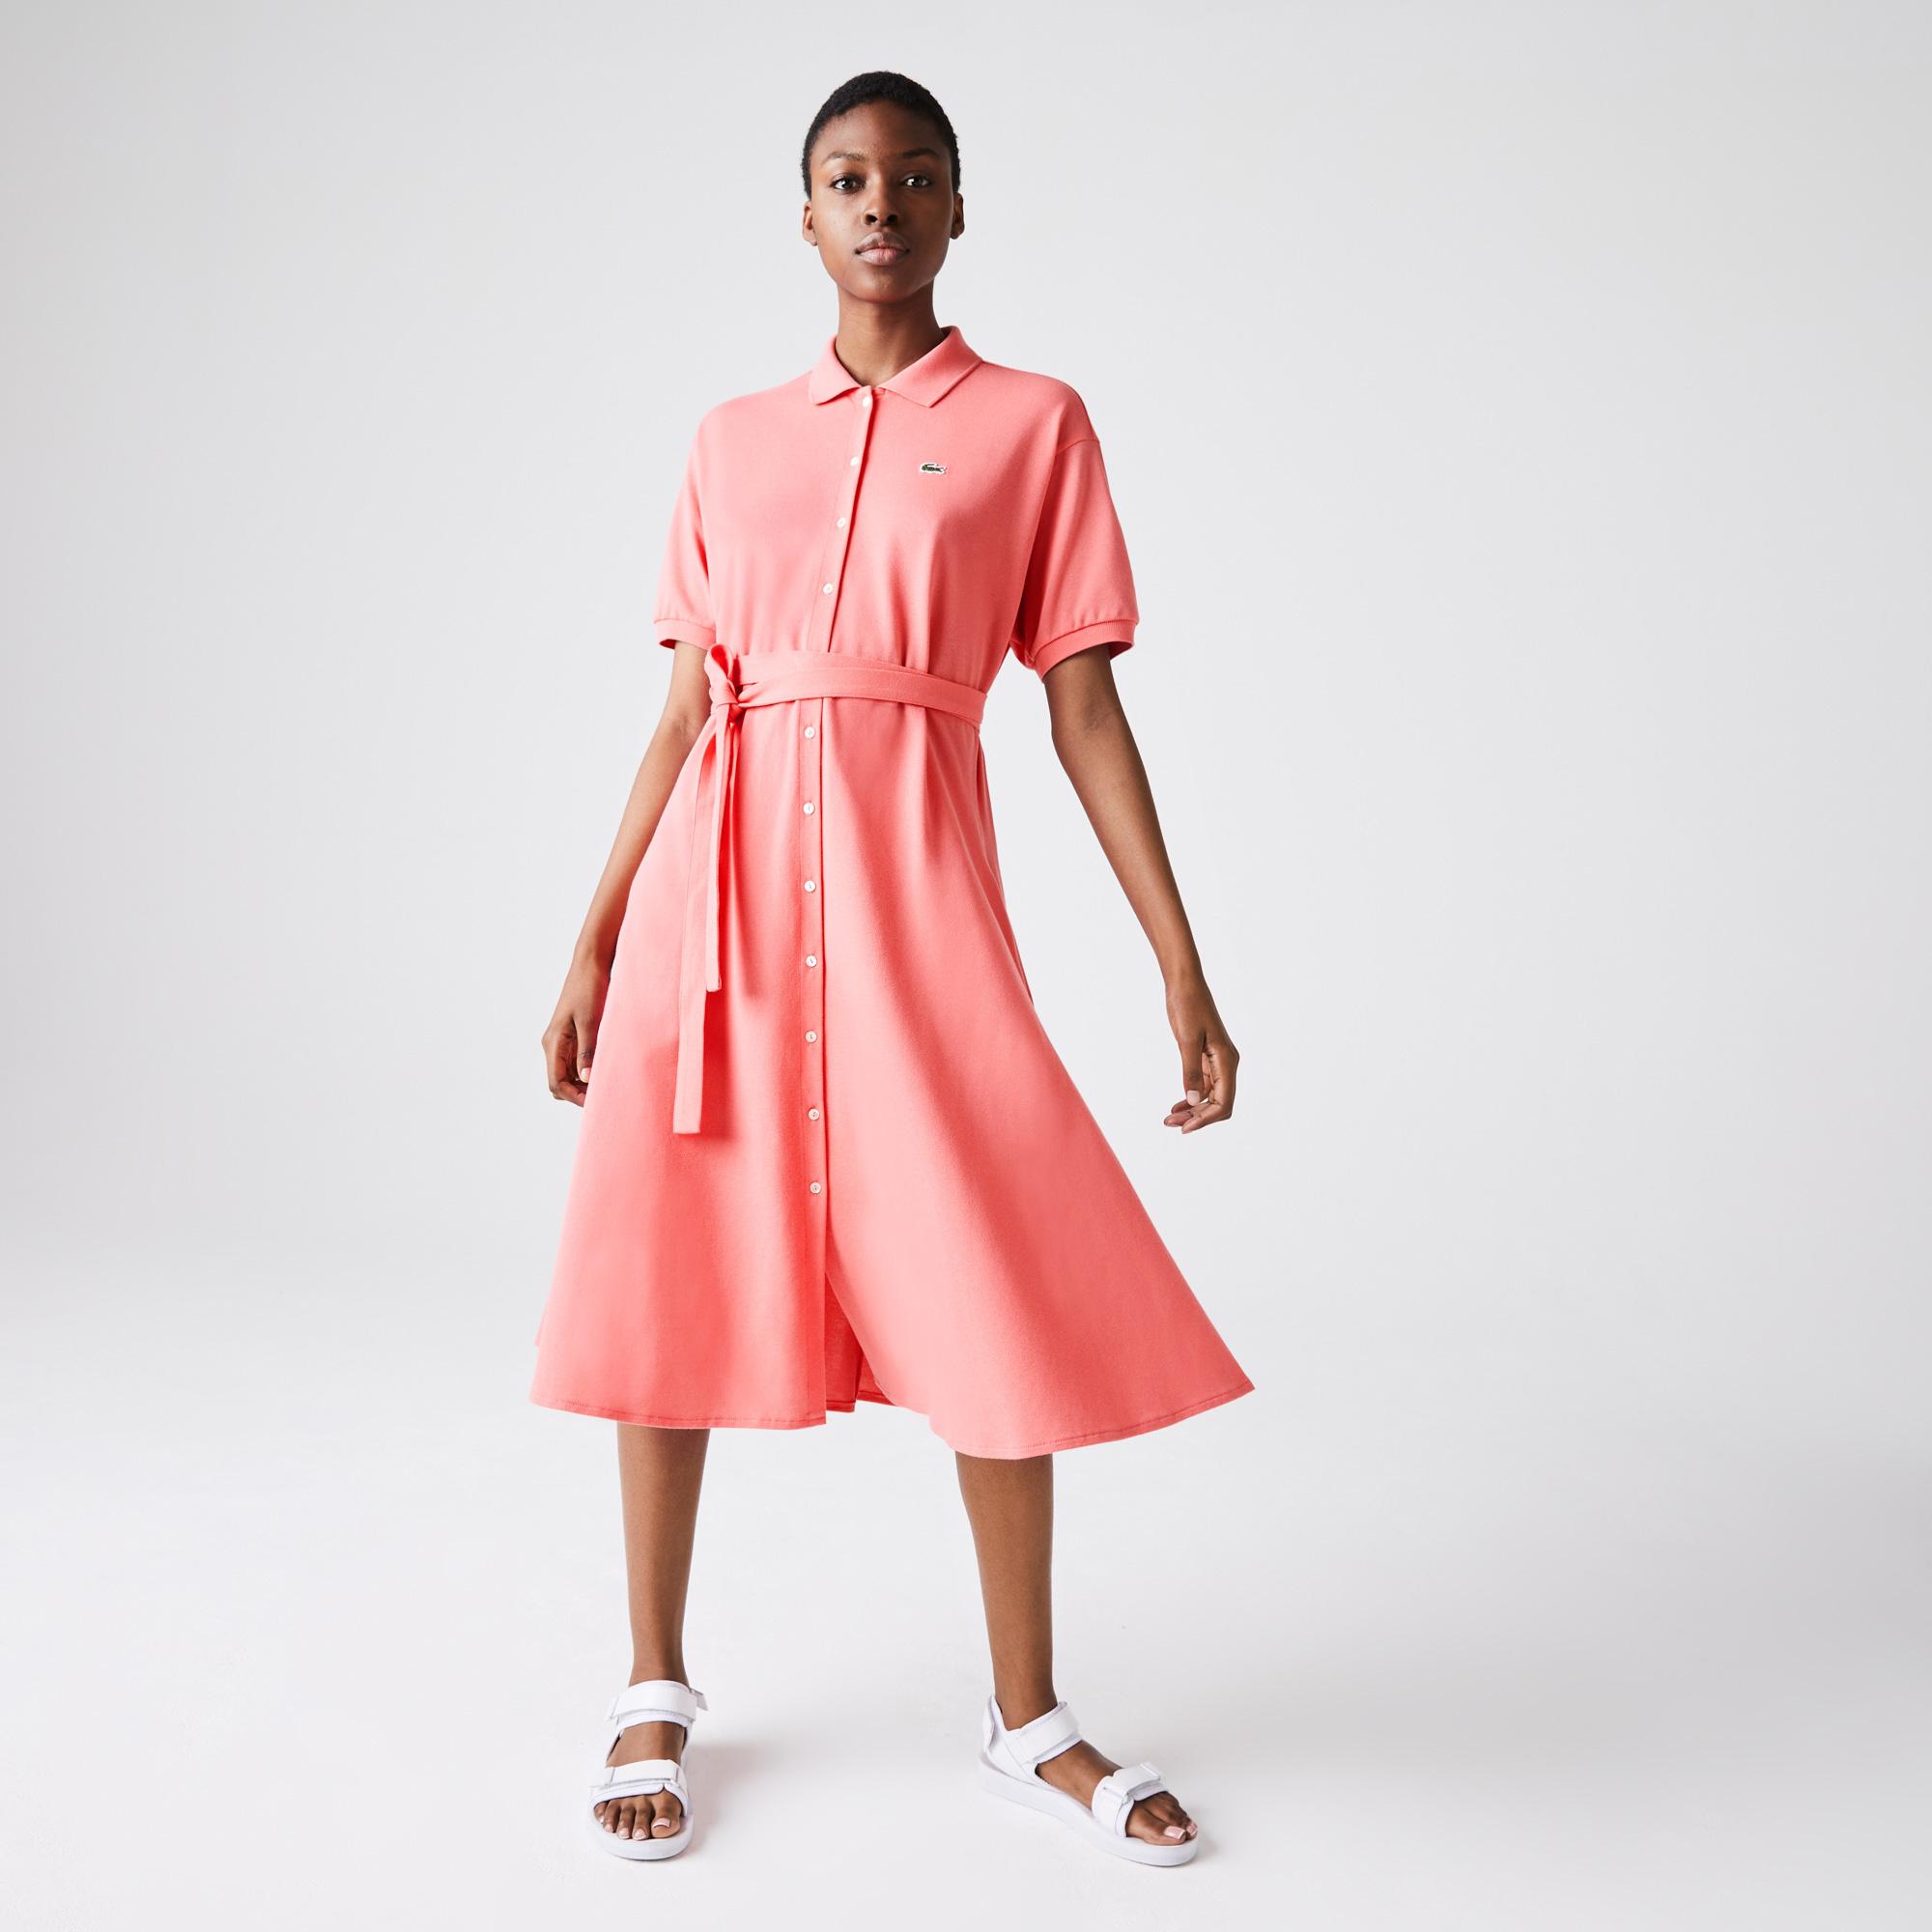 Lacoste Kadın Kısa Kollu Gömlek Yaka Pembe Elbise